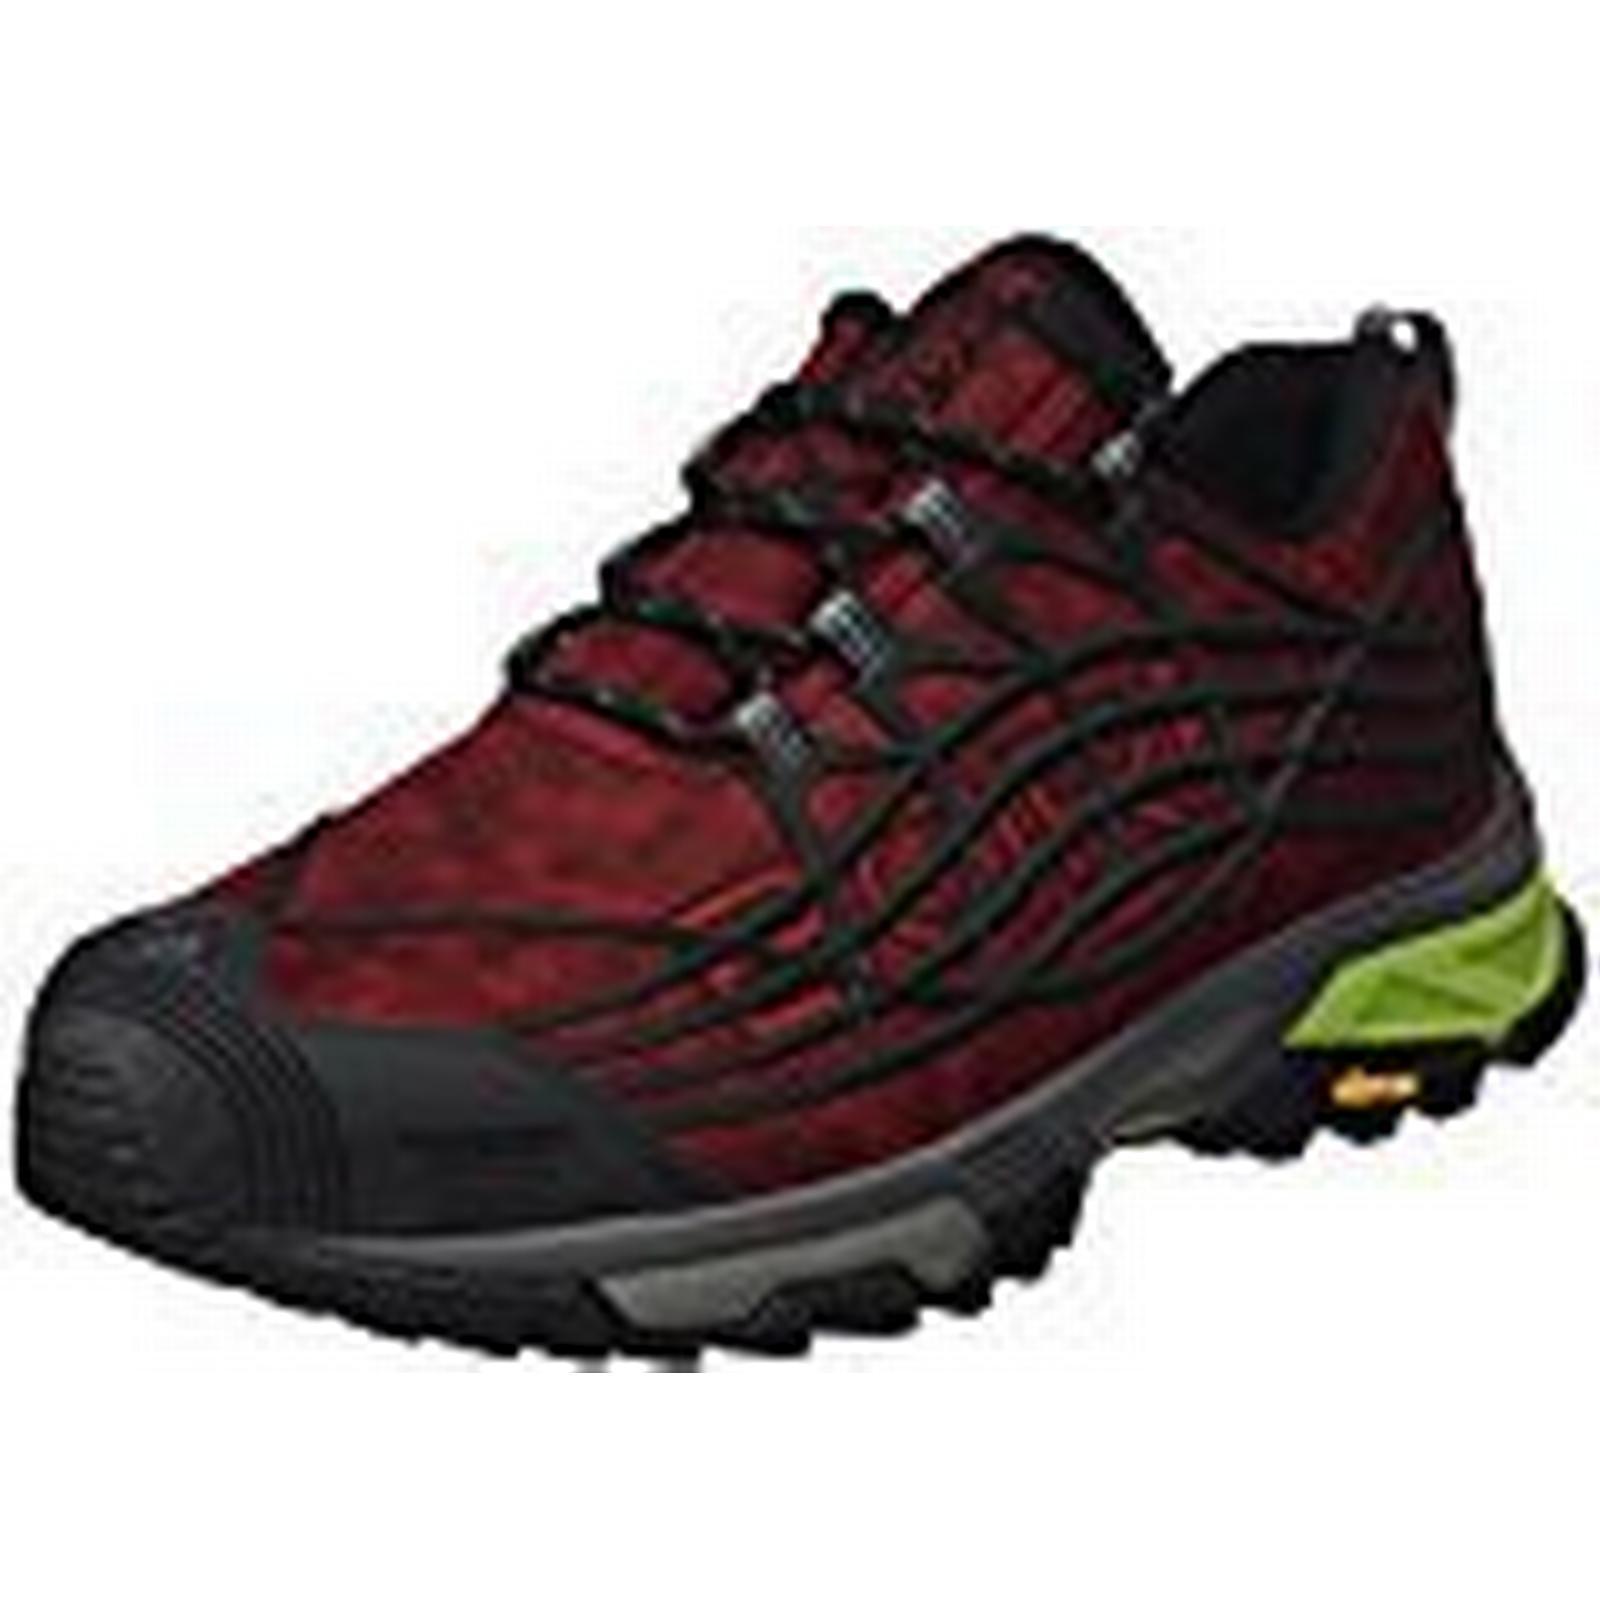 Boreal Men, Futura Men Sports Shoes, Men, Boreal Futura, red, 8.5 d9b00c